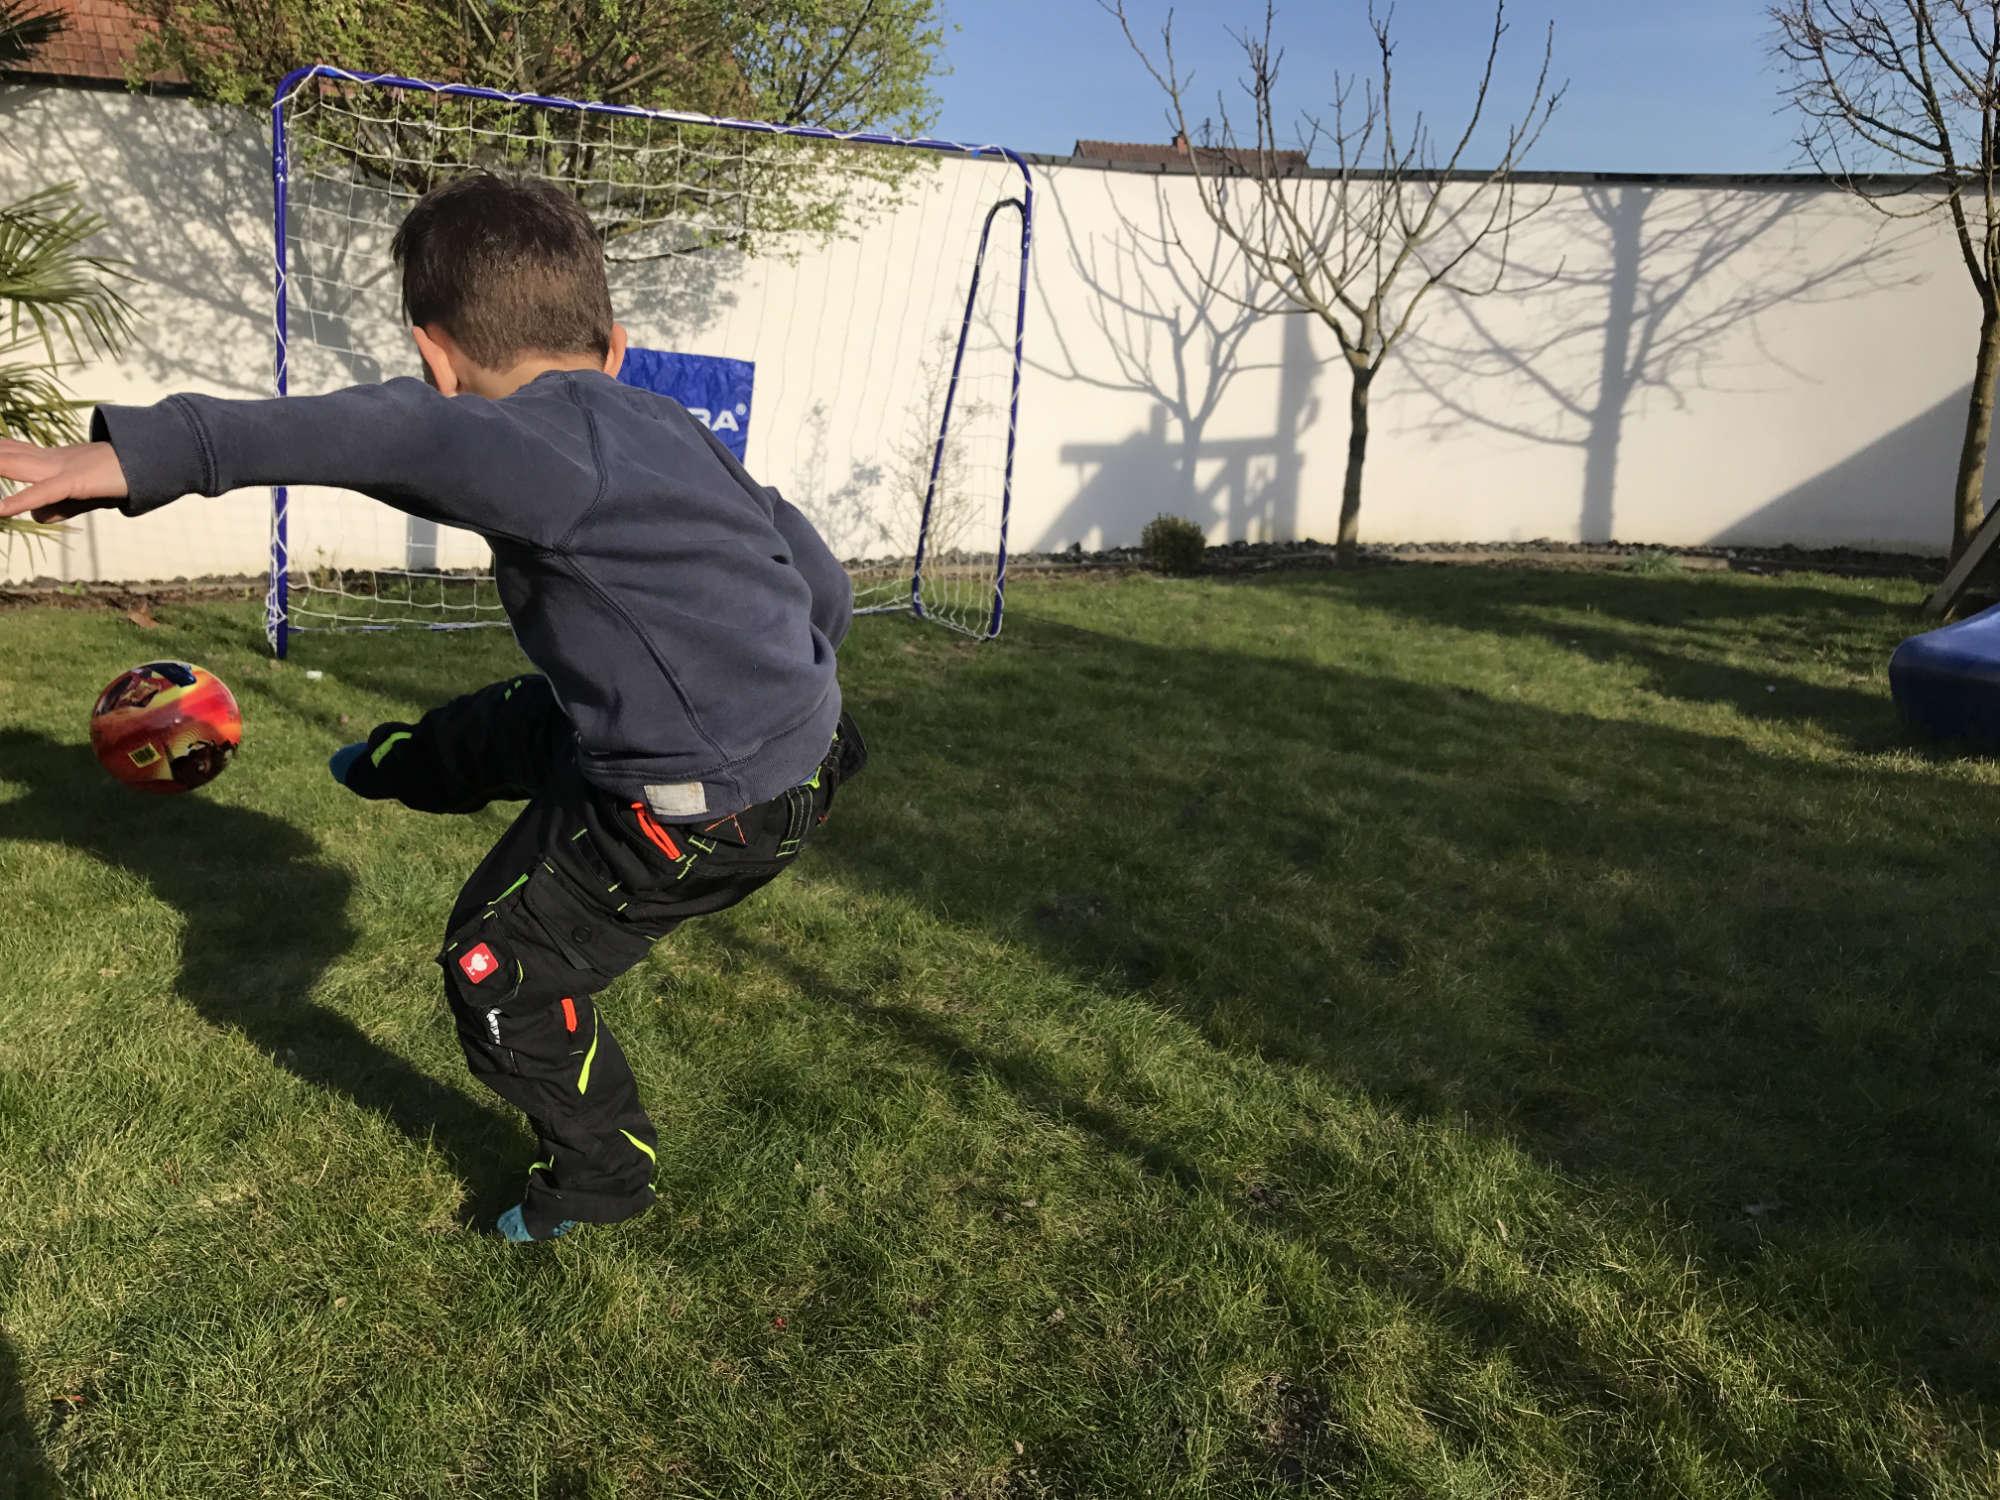 Kind schießt auf Fußballtor im Garten